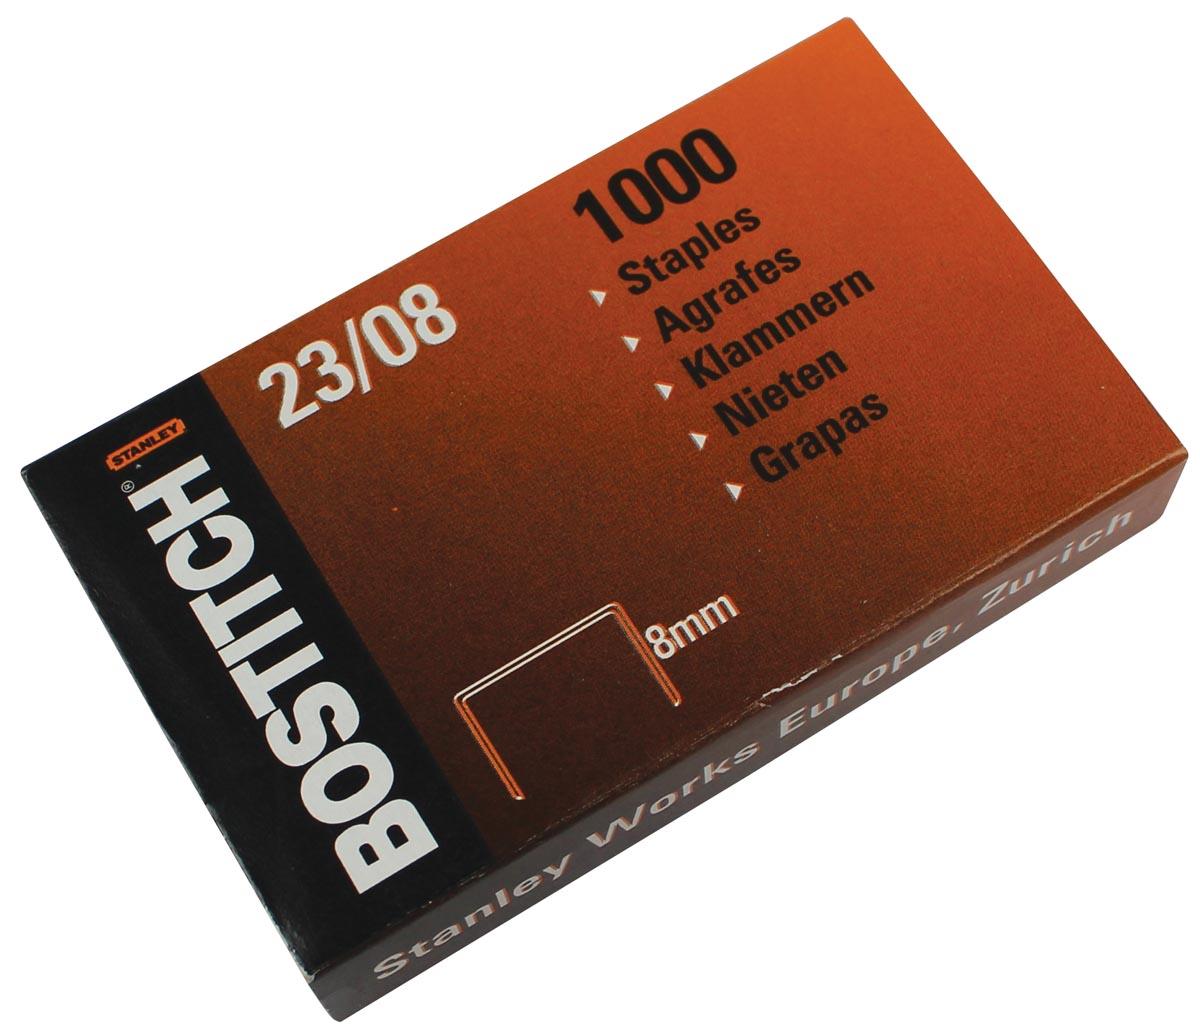 Bostitch nietjes 23-8-1M, 8 mm, verzinkt, voor PHD60, B310HDS, HD-23L17